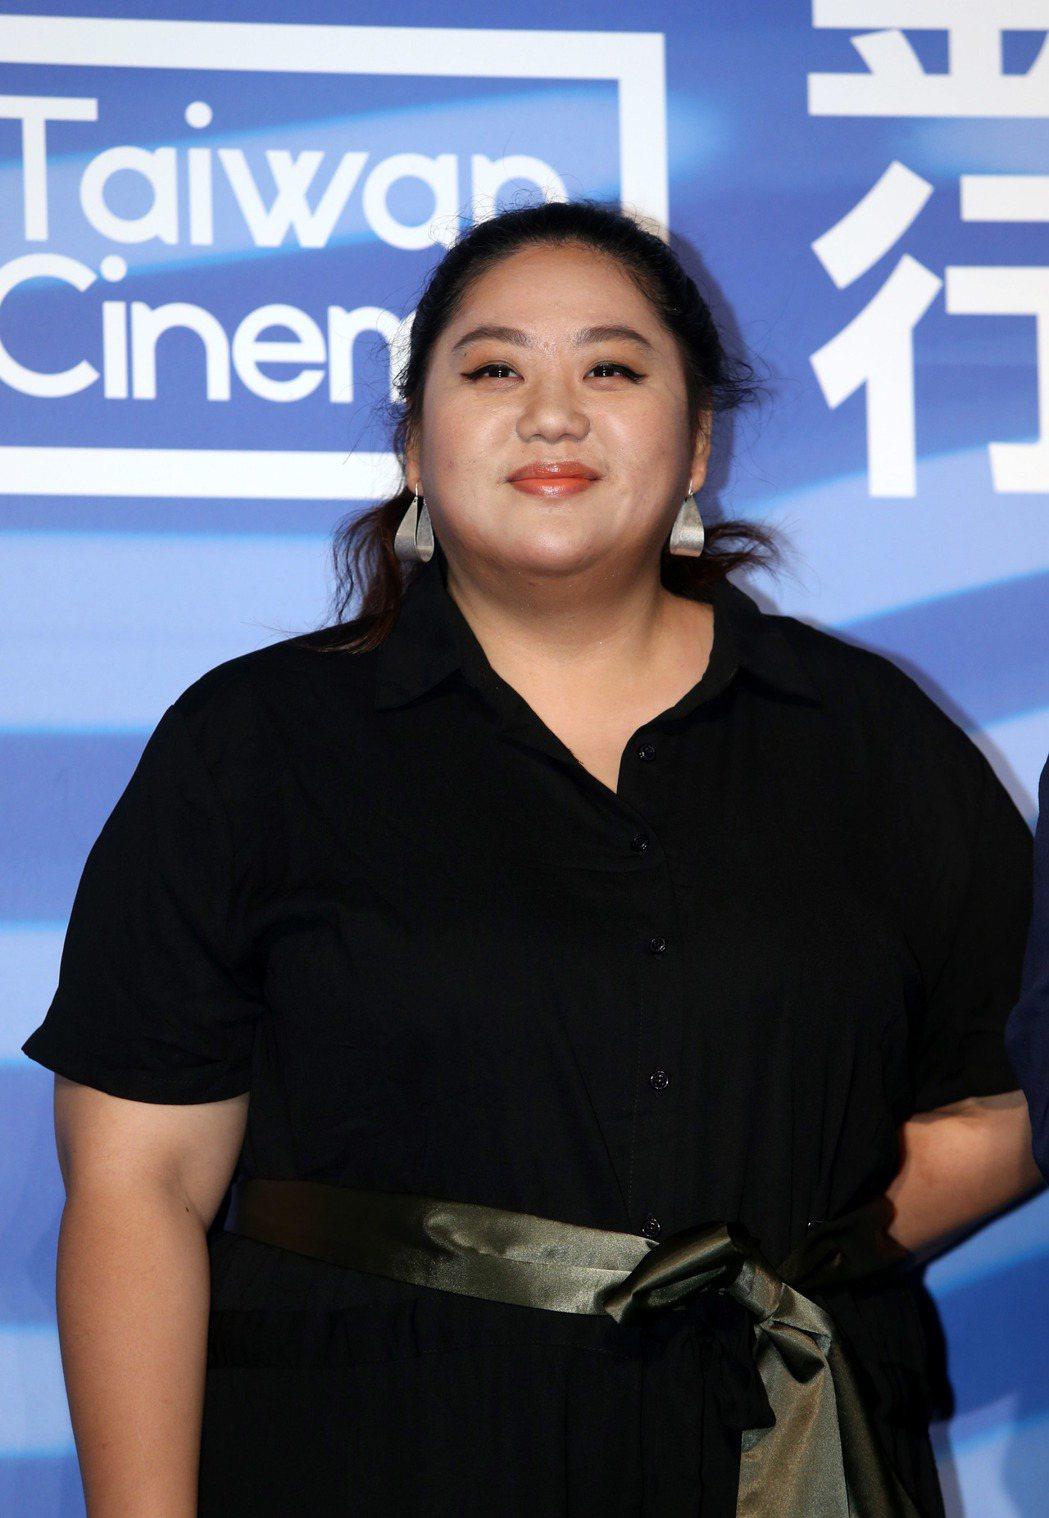 2019年釜山影展行前記者會,電影大餓演員蔡嘉茵。記者邱德祥/攝影